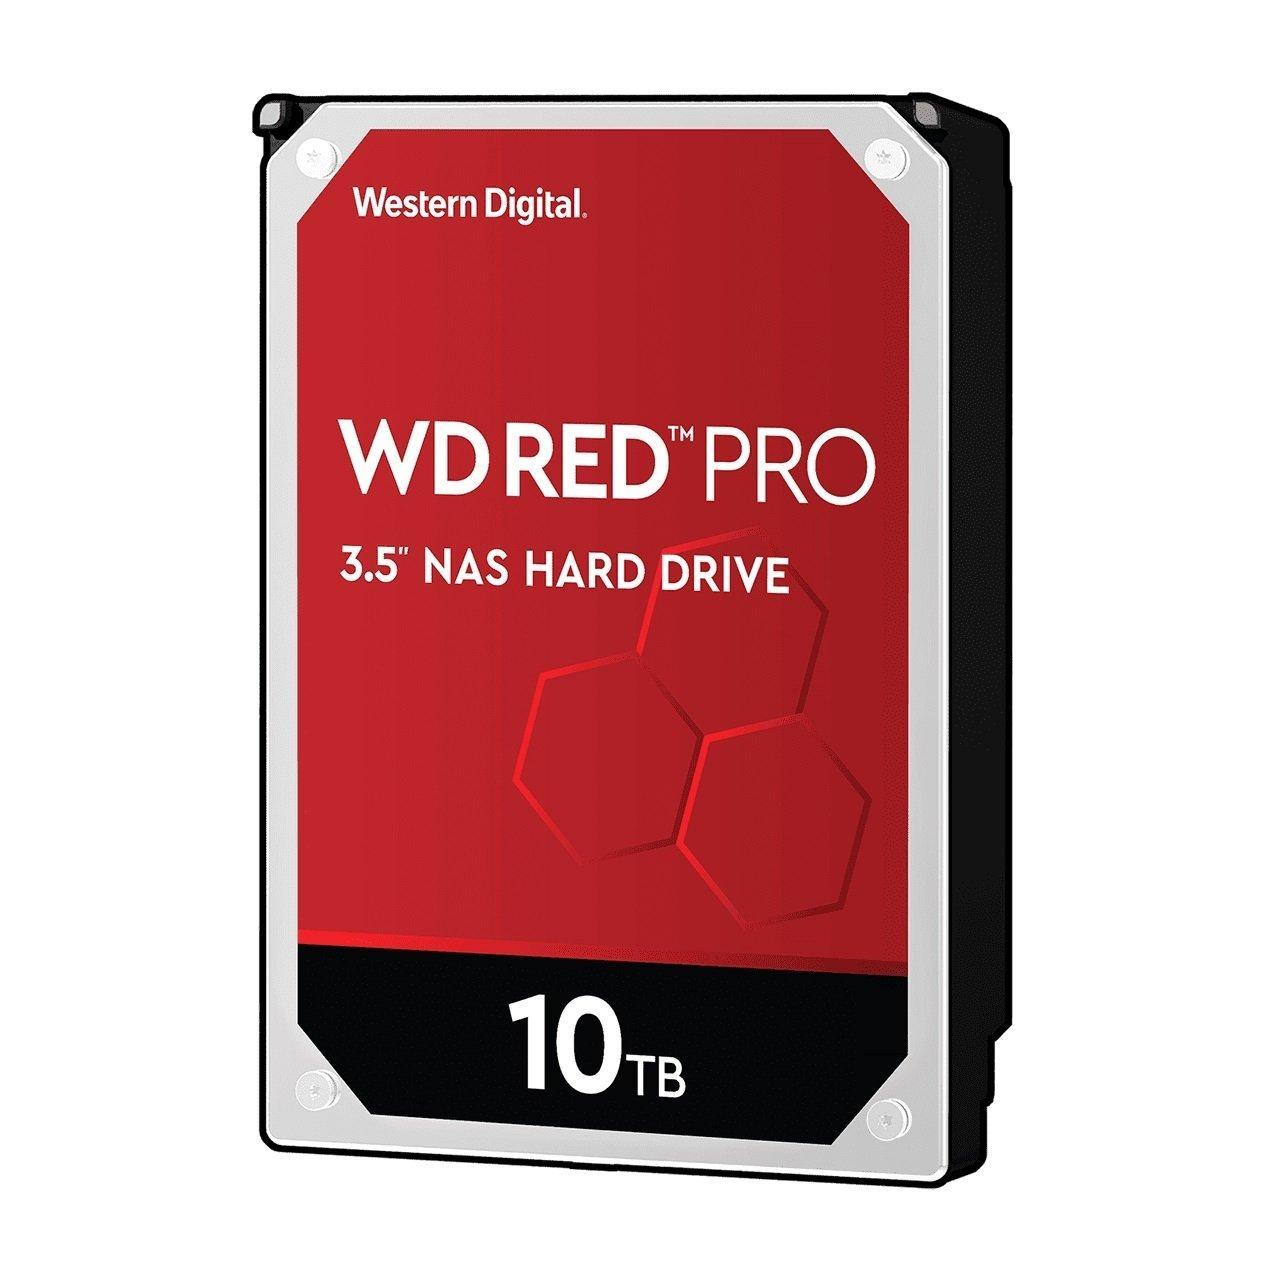 """Жорсткий диск внутрішній WD 3.5""""SATA 3.0 10TB 7200 256MB Red Pro NAS"""